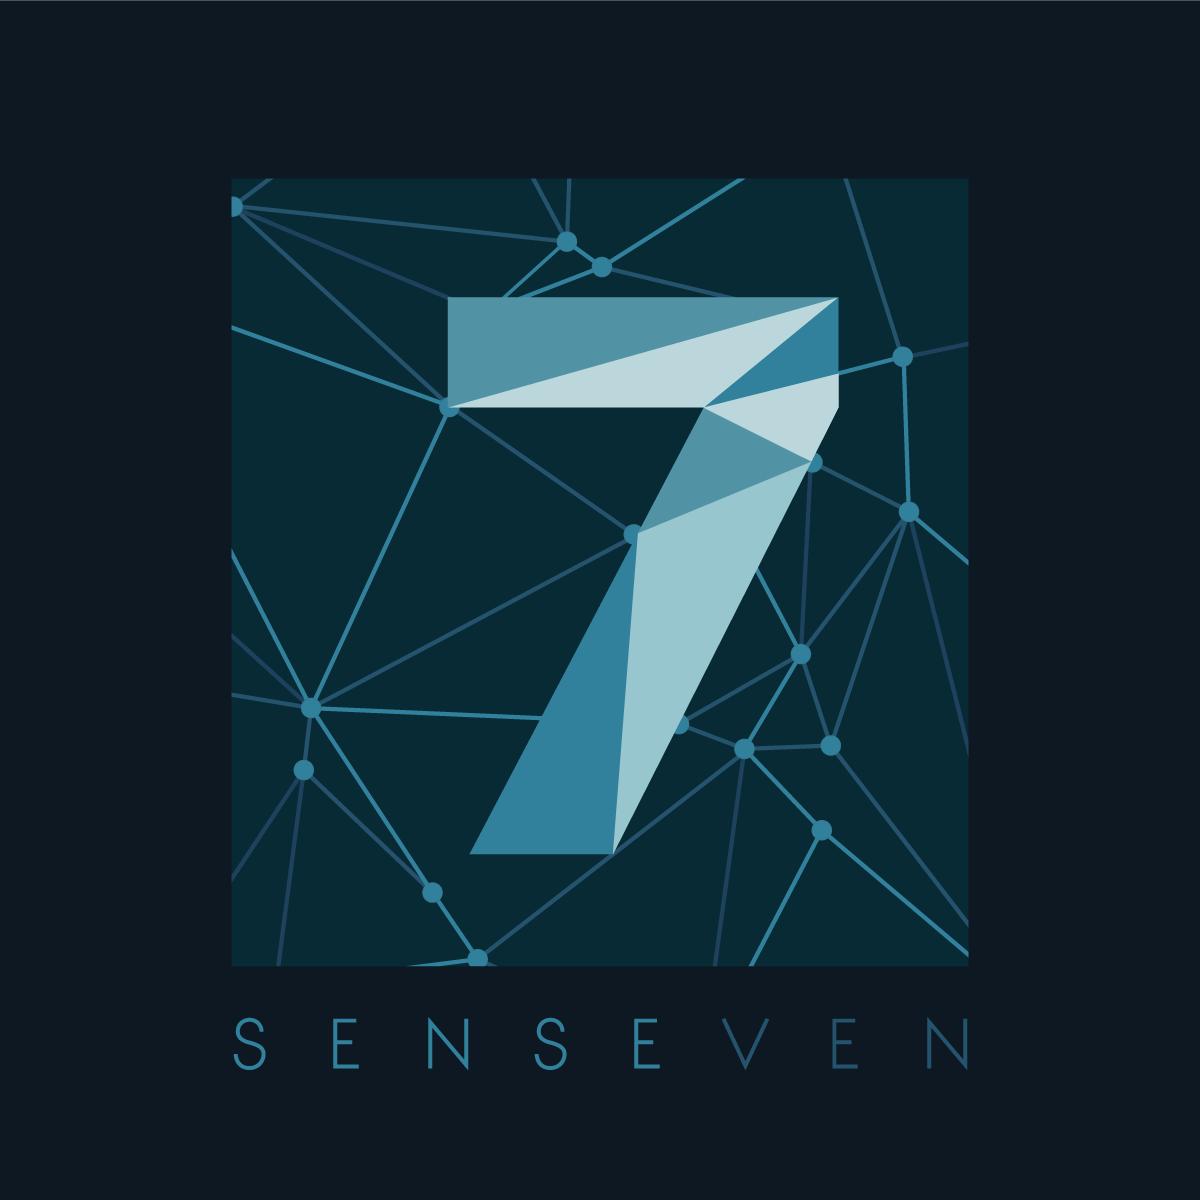 SENSEVEN